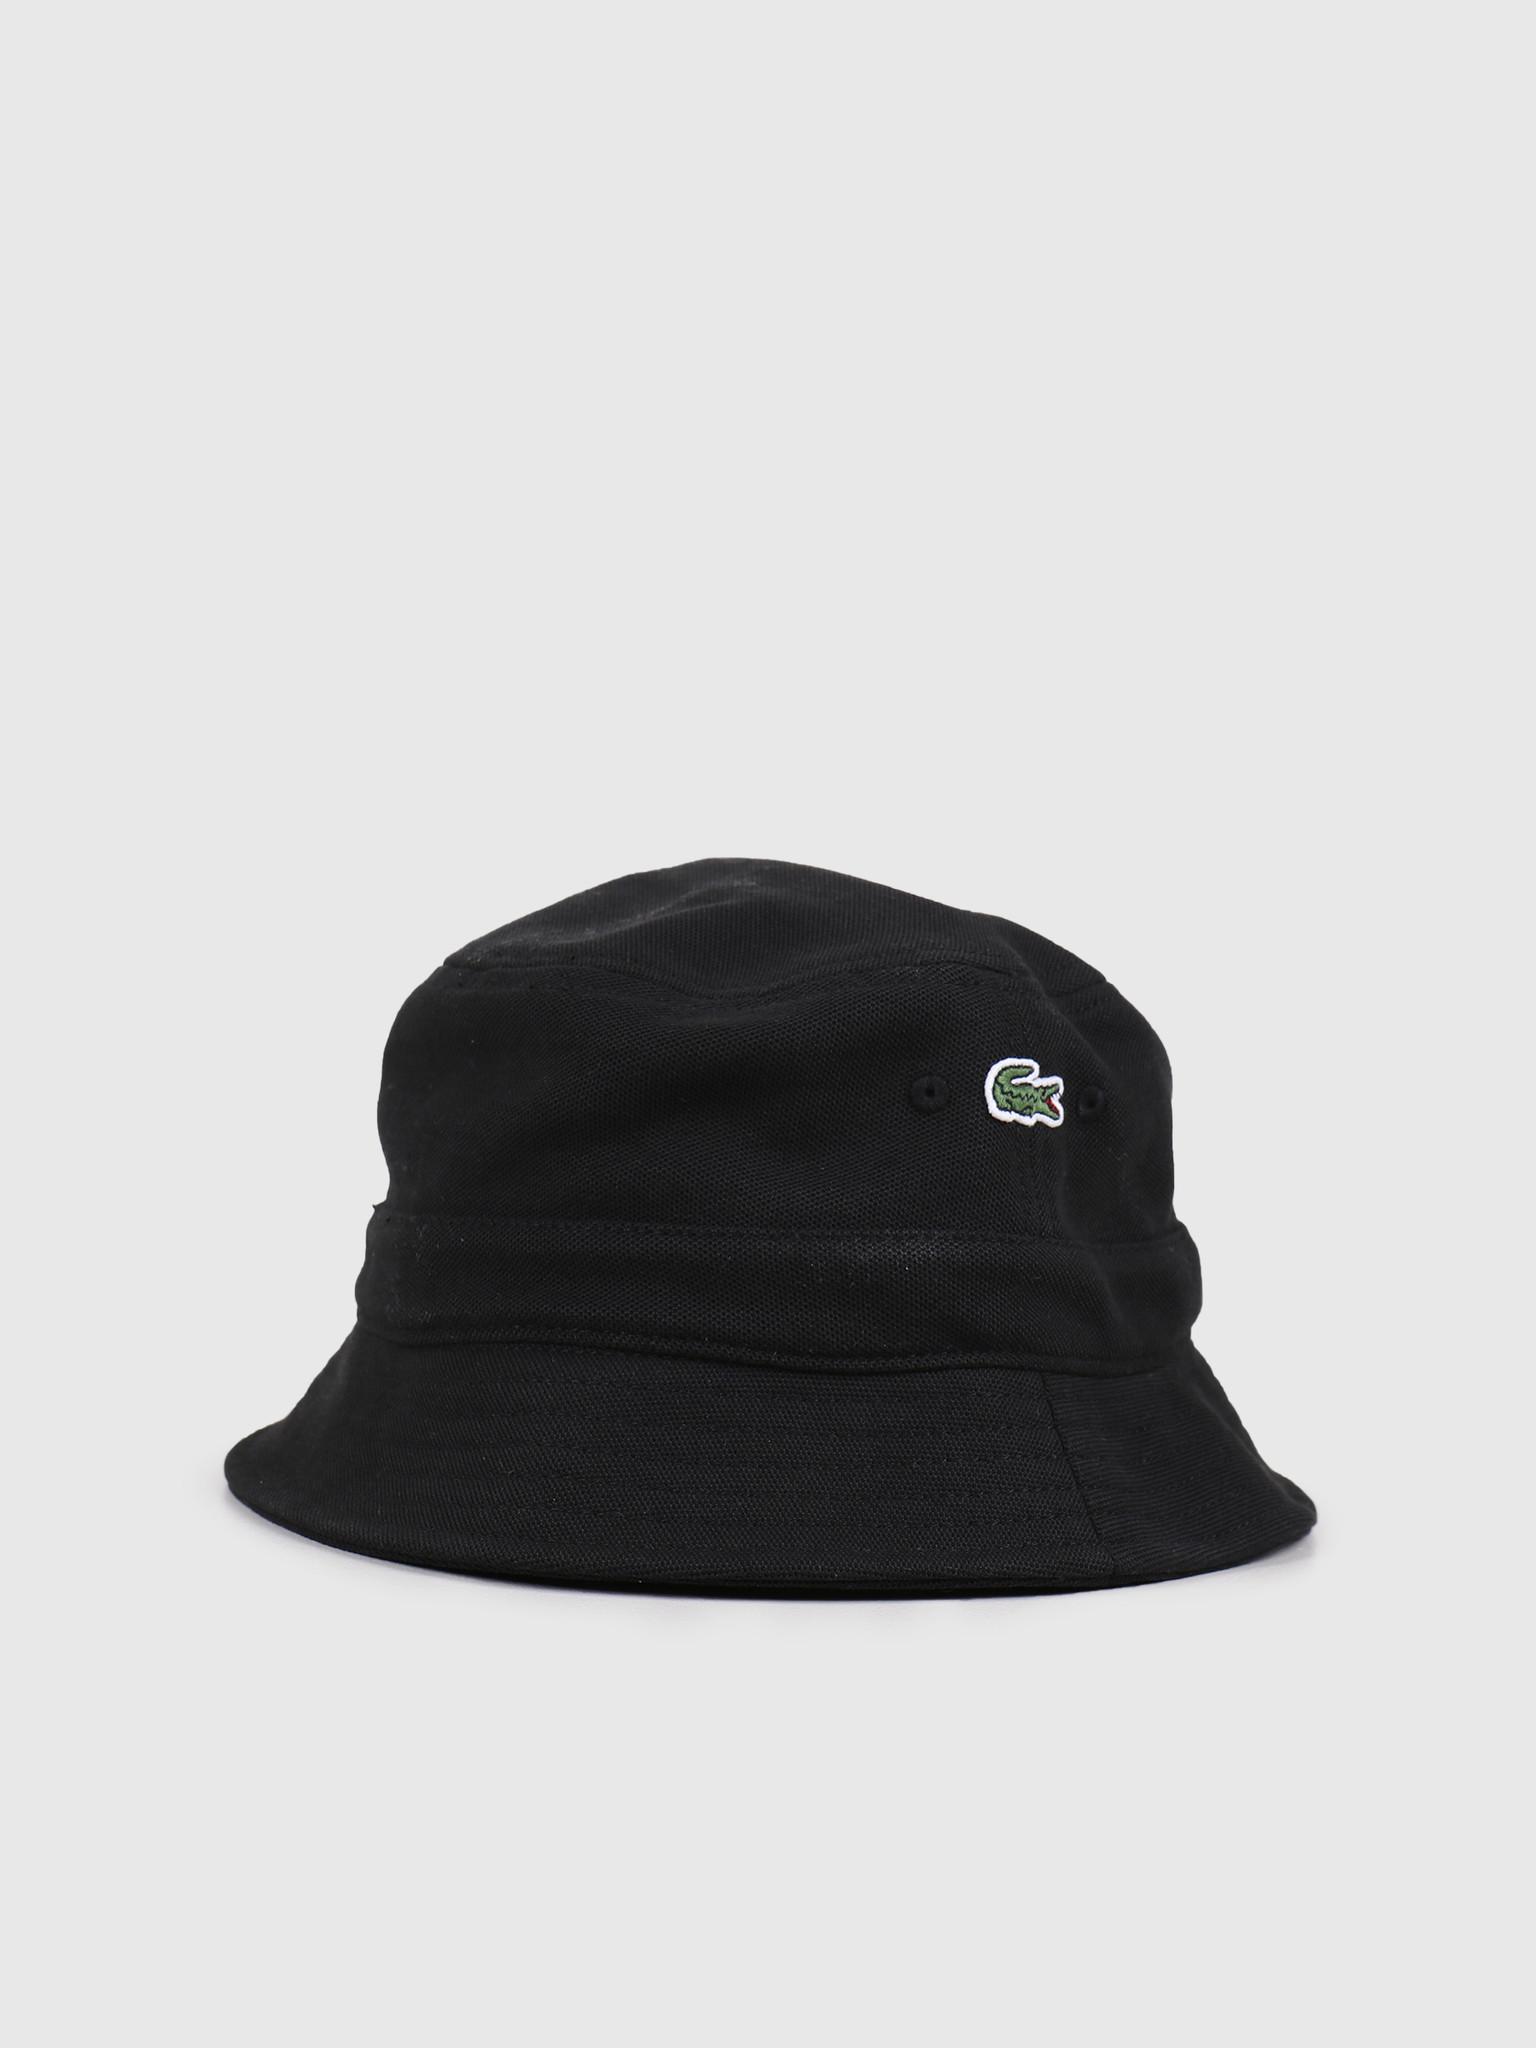 Lacoste Lacoste 2G4C Cap 01 Black RK4712-01